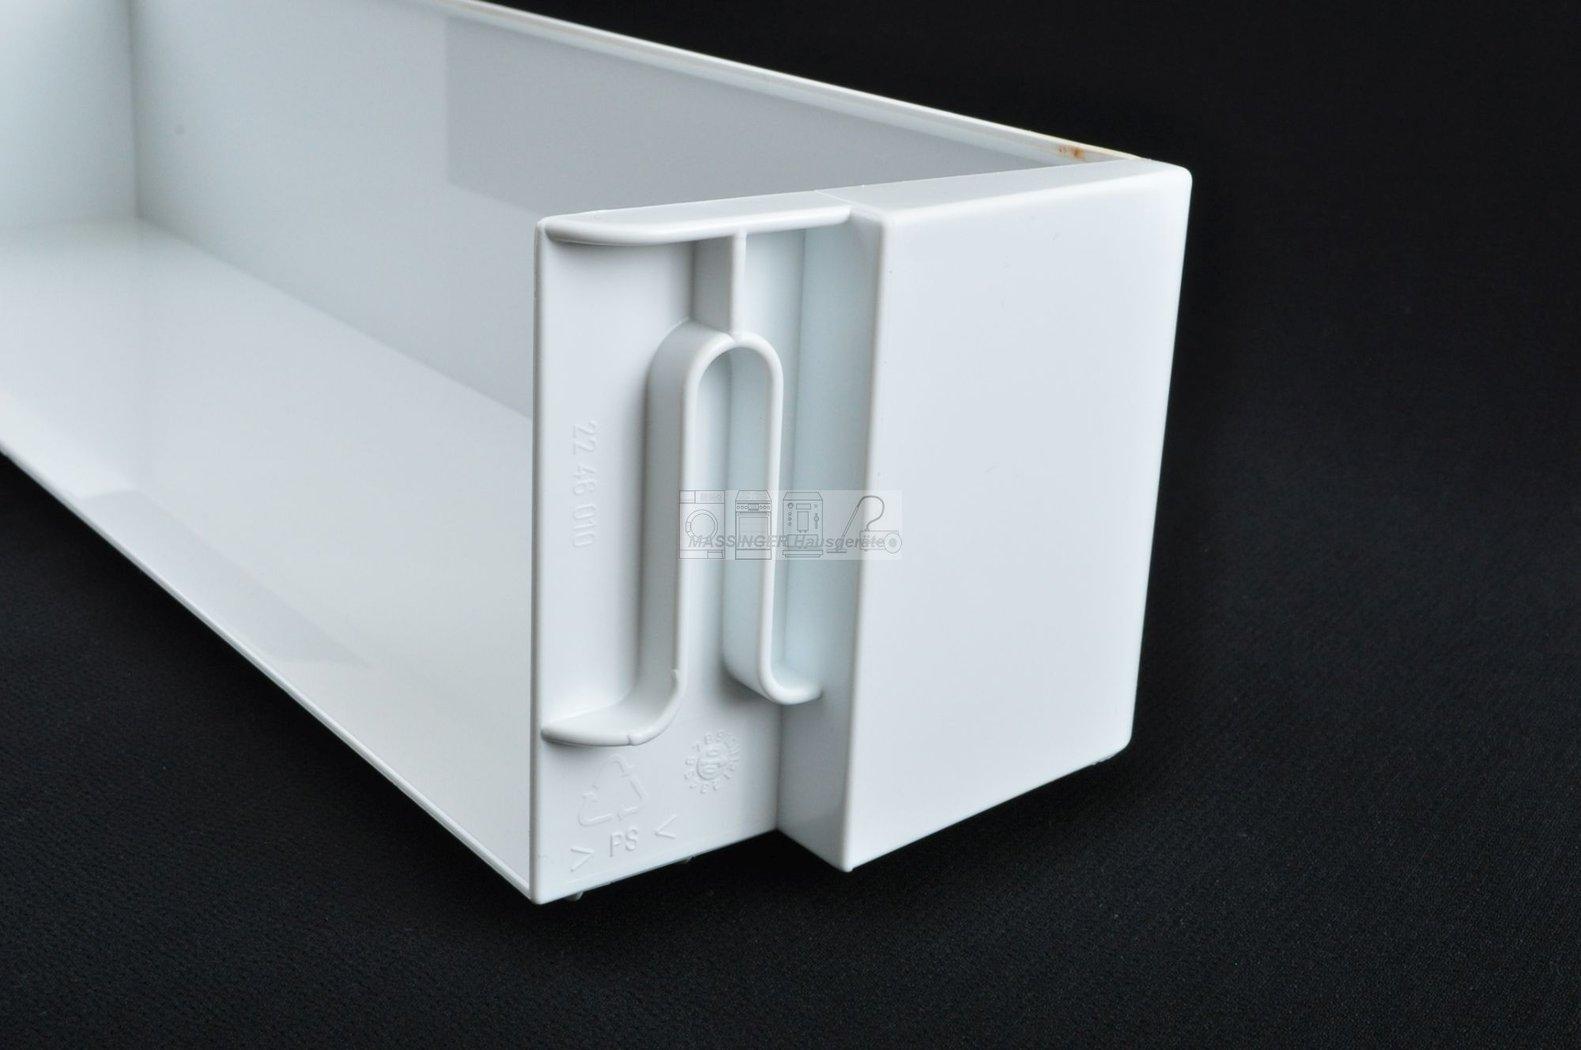 Aeg Kühlschrank Ersatzteile Santo : Flaschenfach absteller kühlschrank aeg santo cm